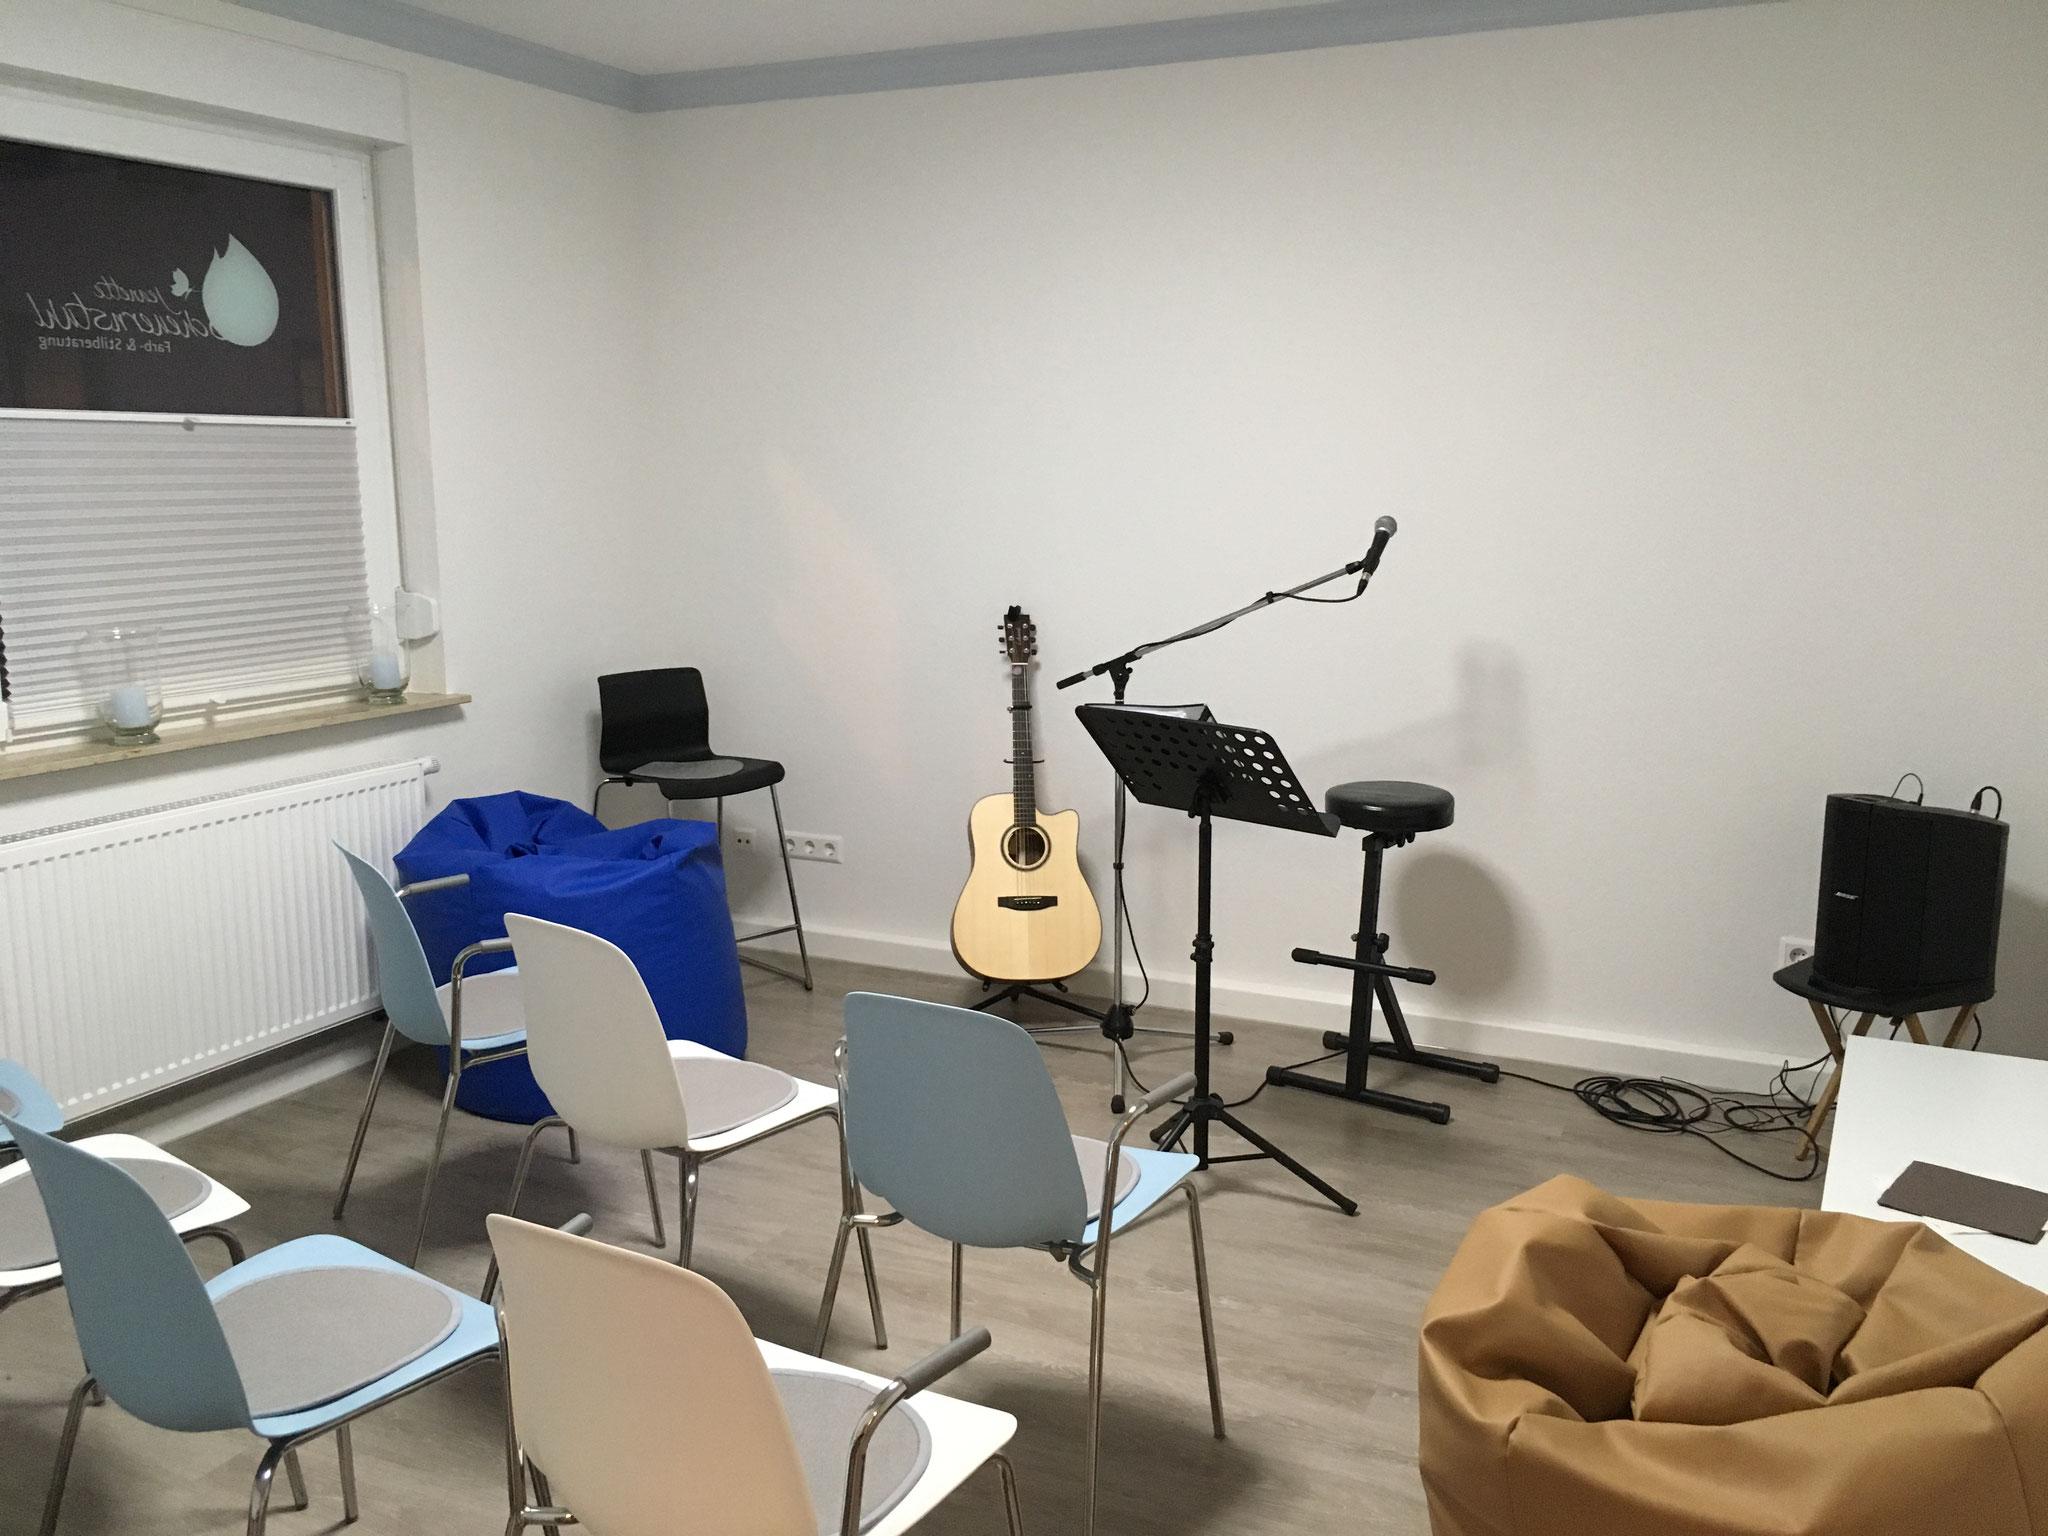 Konzert in einem Deko-Laden im Seminar-Raum